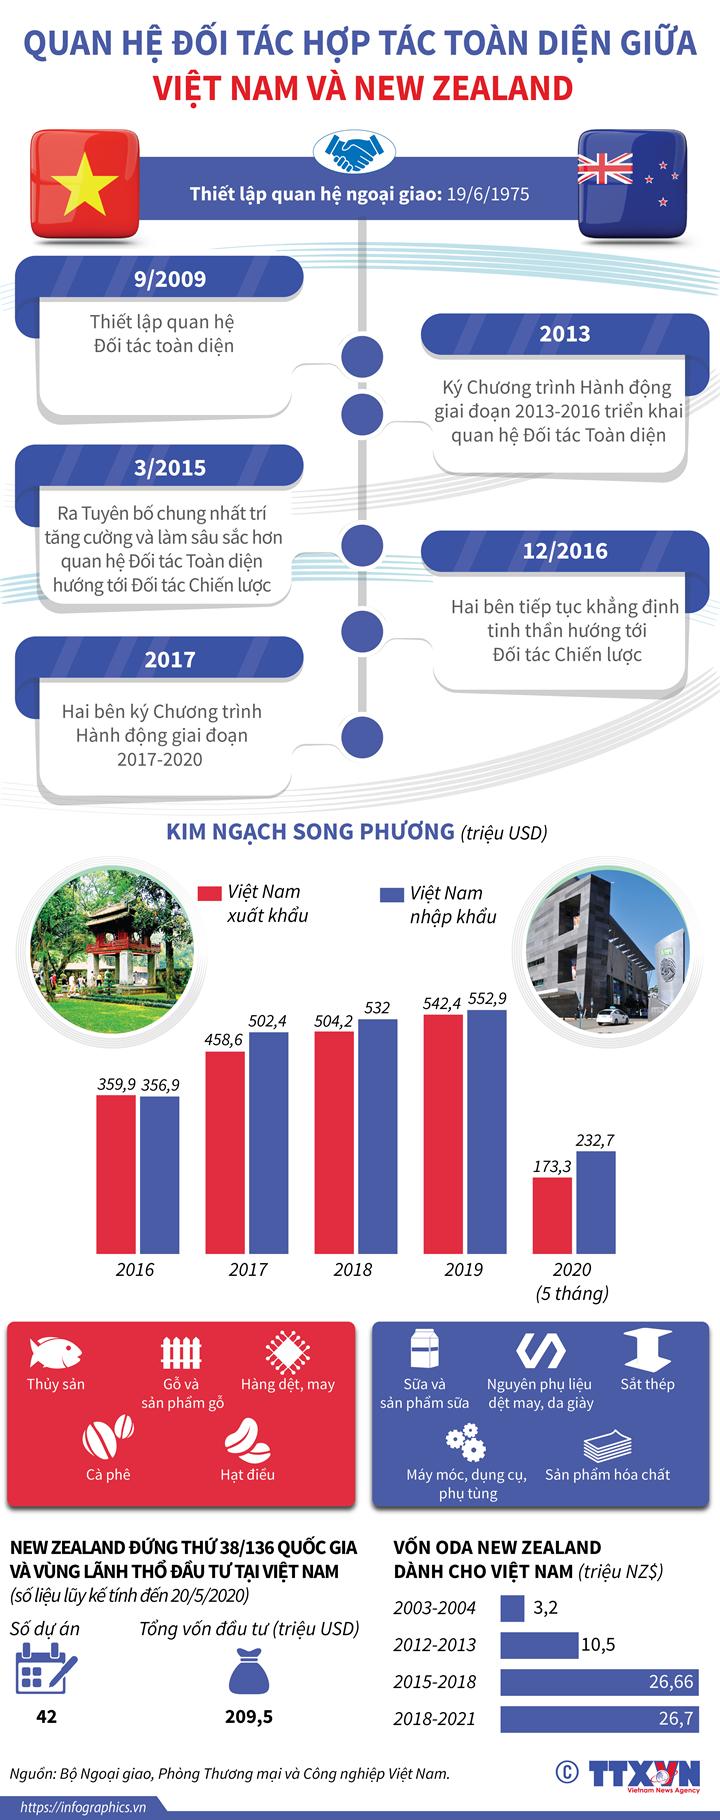 Quan hệ Đối tác toàn diện giữa Việt Nam và New Zealand